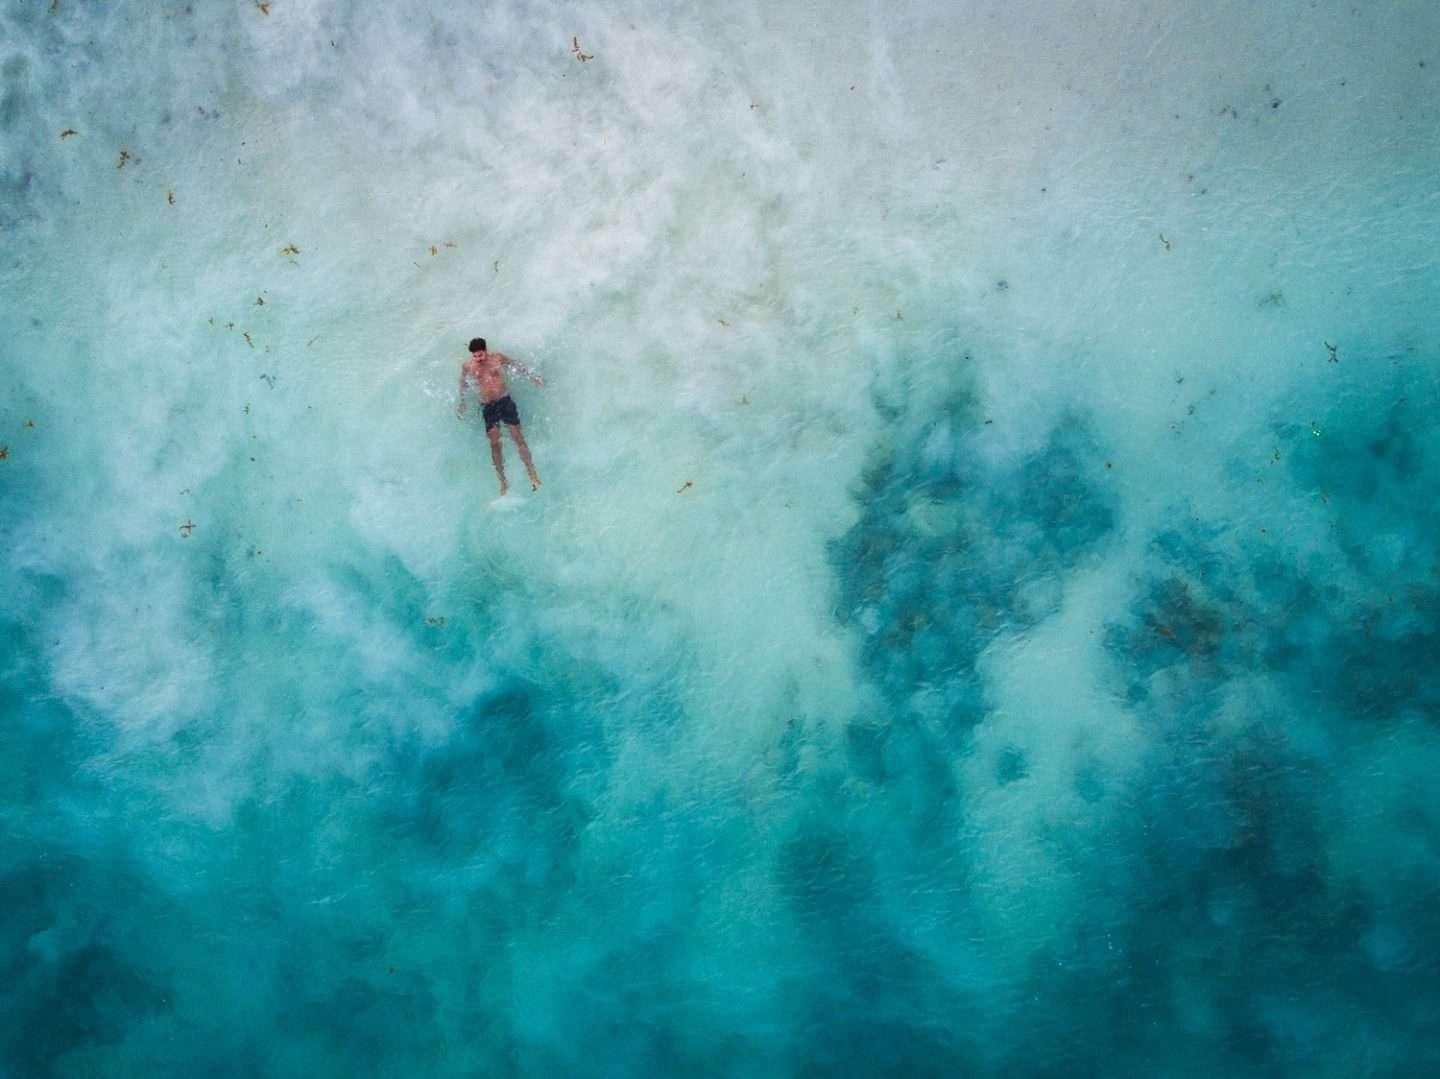 Playa del Carmen oder Tulum - Wo soll meine nächste Reise hingehen?